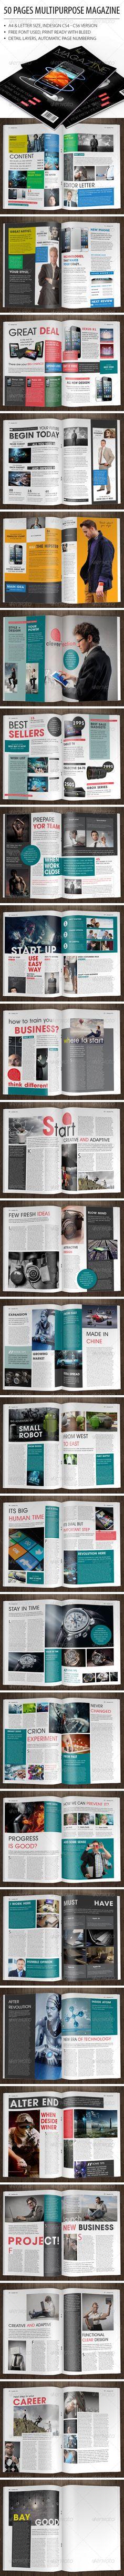 Indesign Magazine Bundle | Pinterest